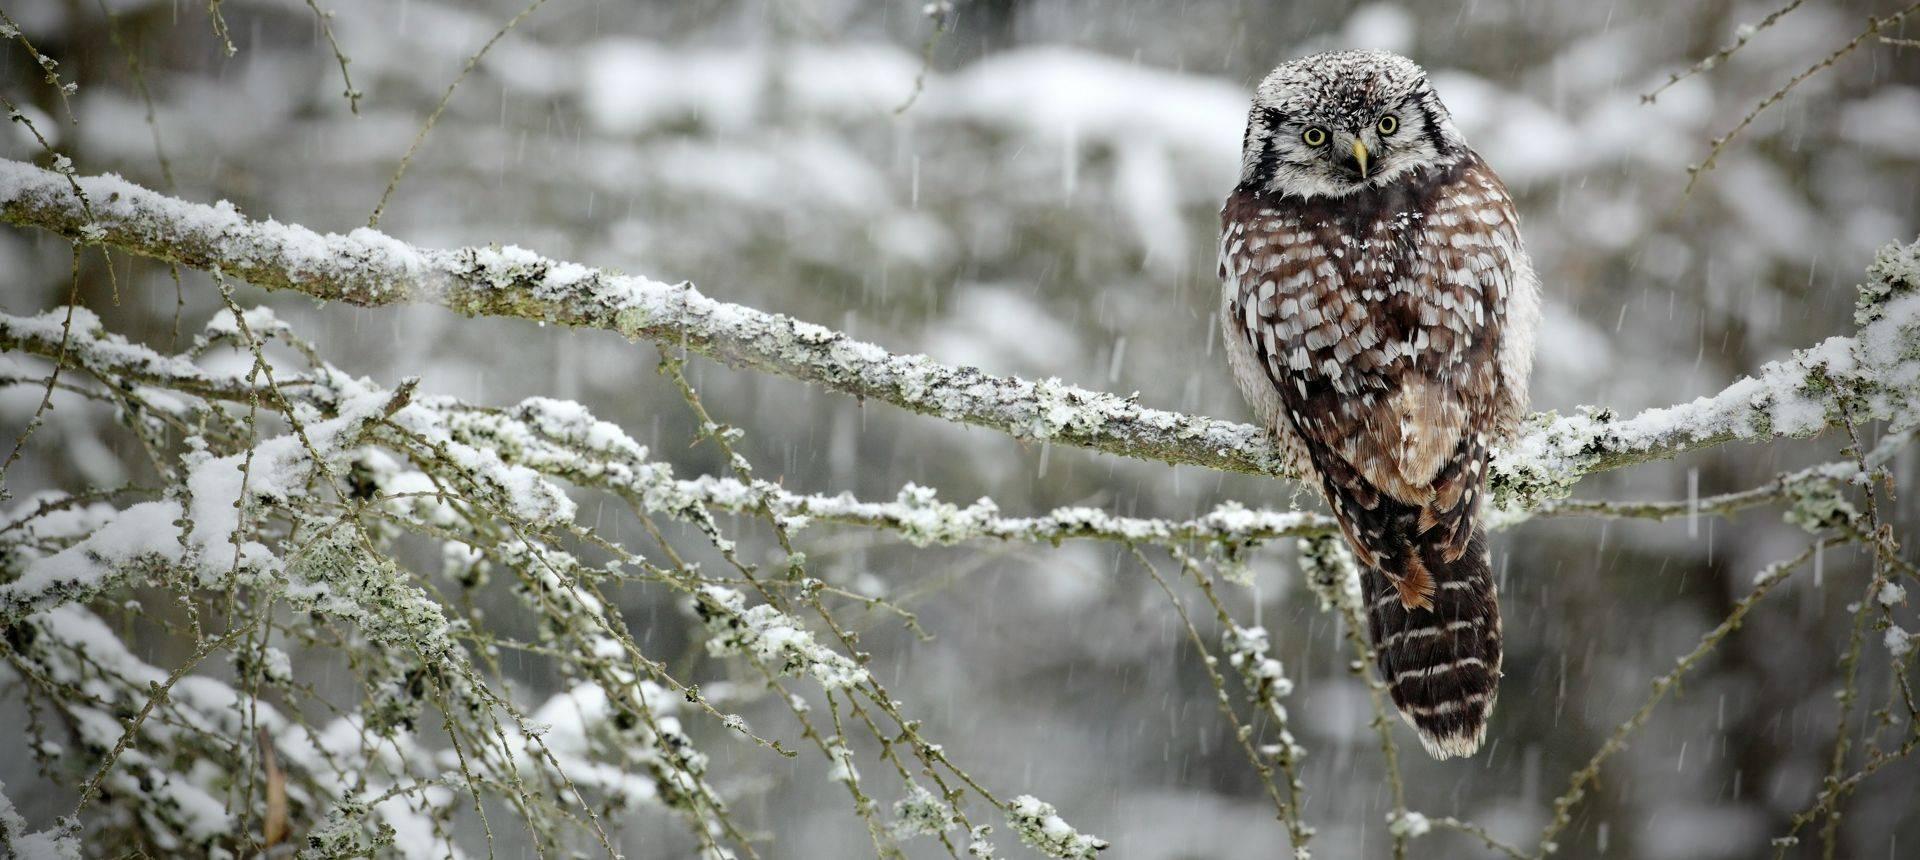 Hawk Owl, Sweden Shutterstock 237402130